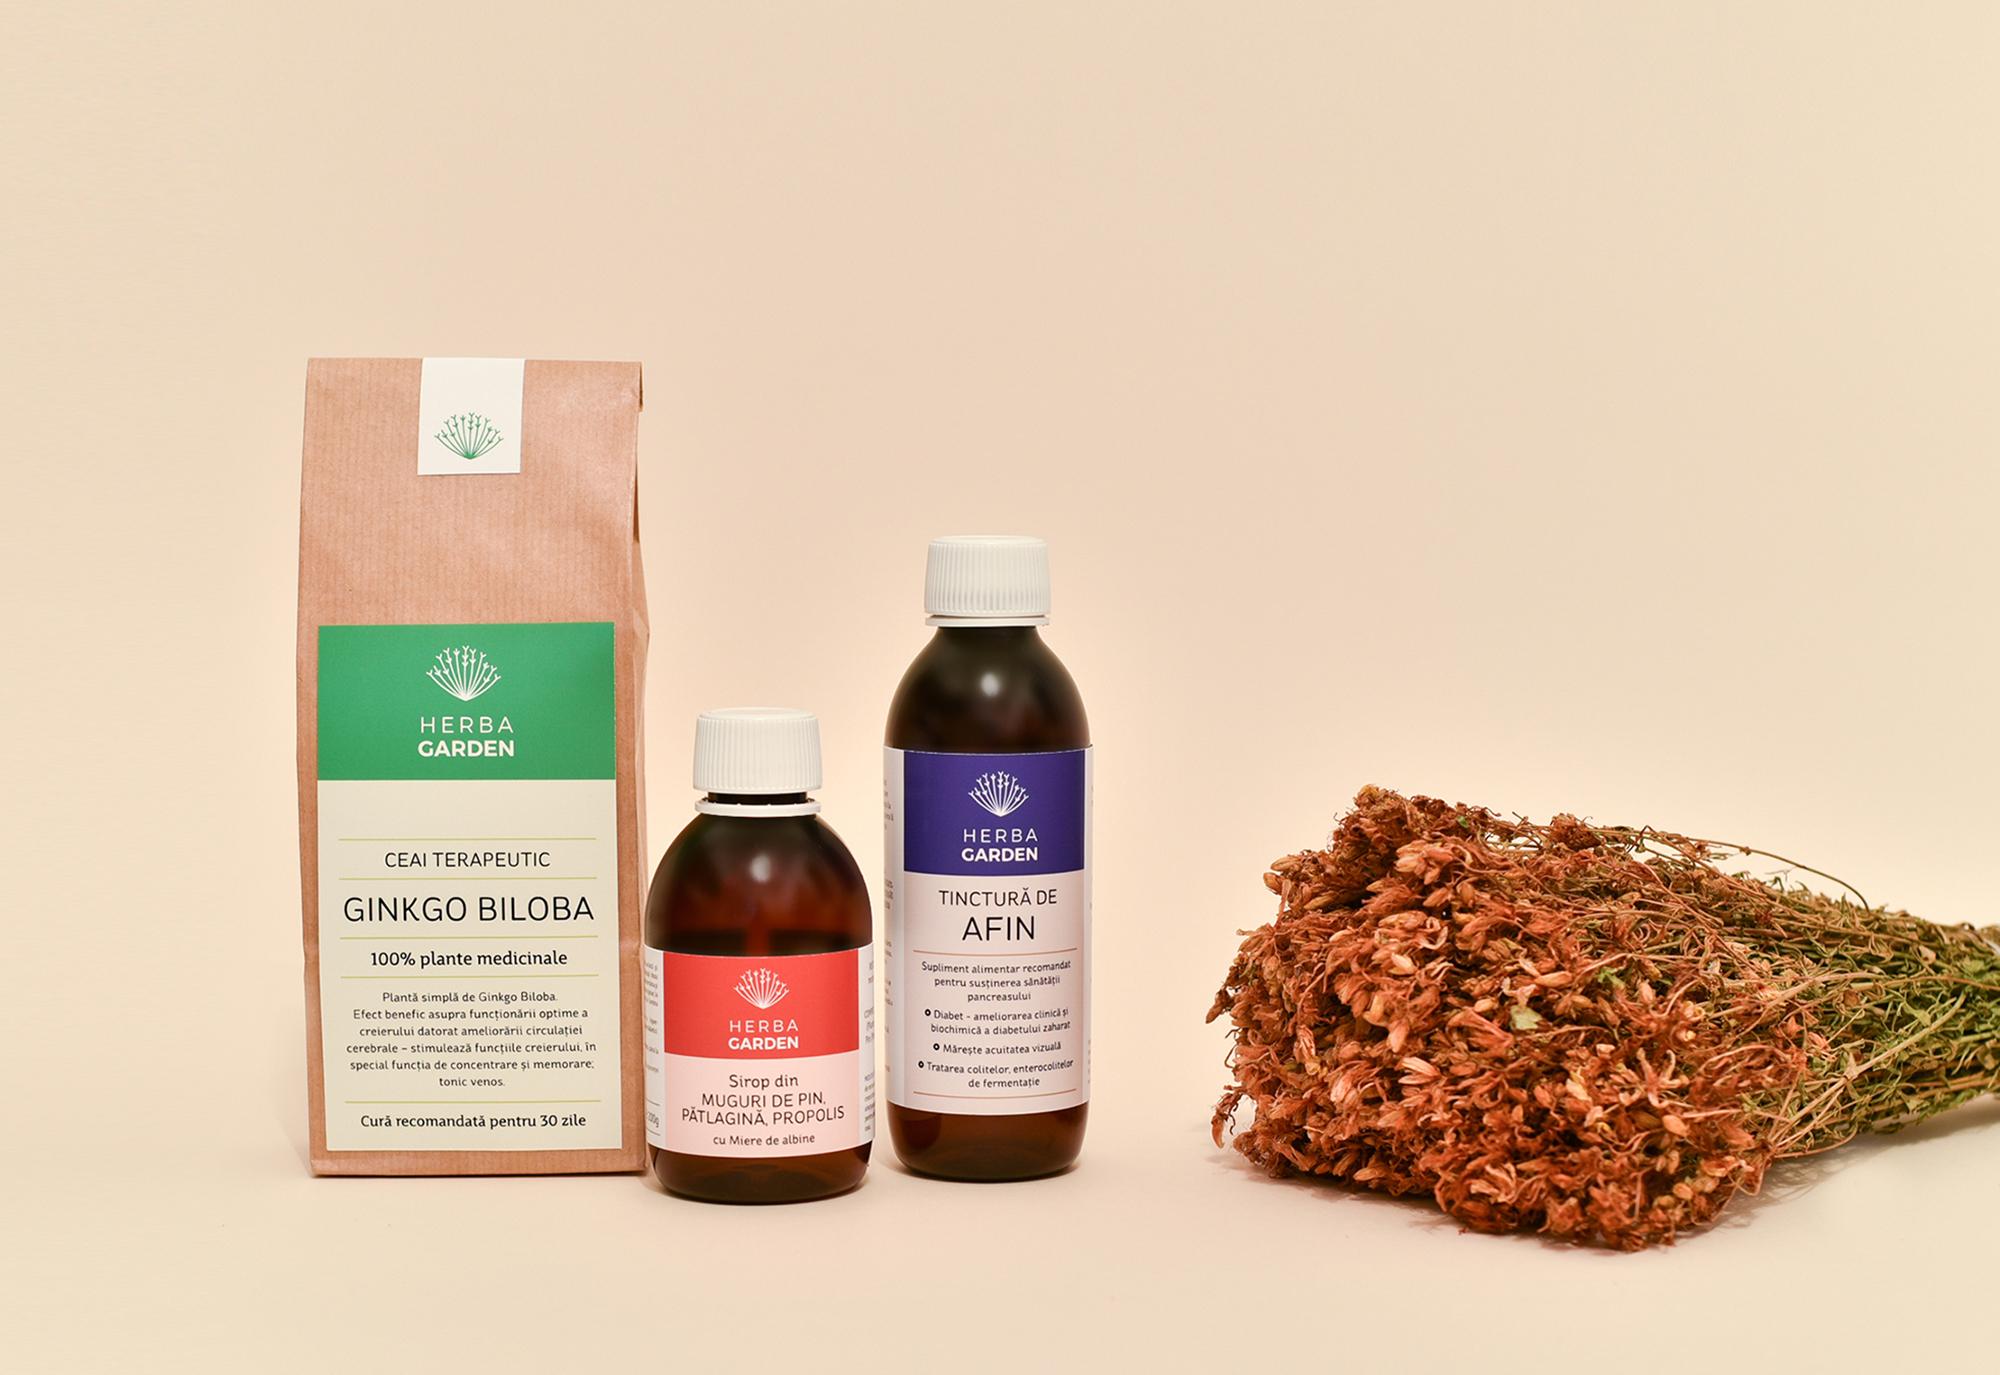 herbagarden branding